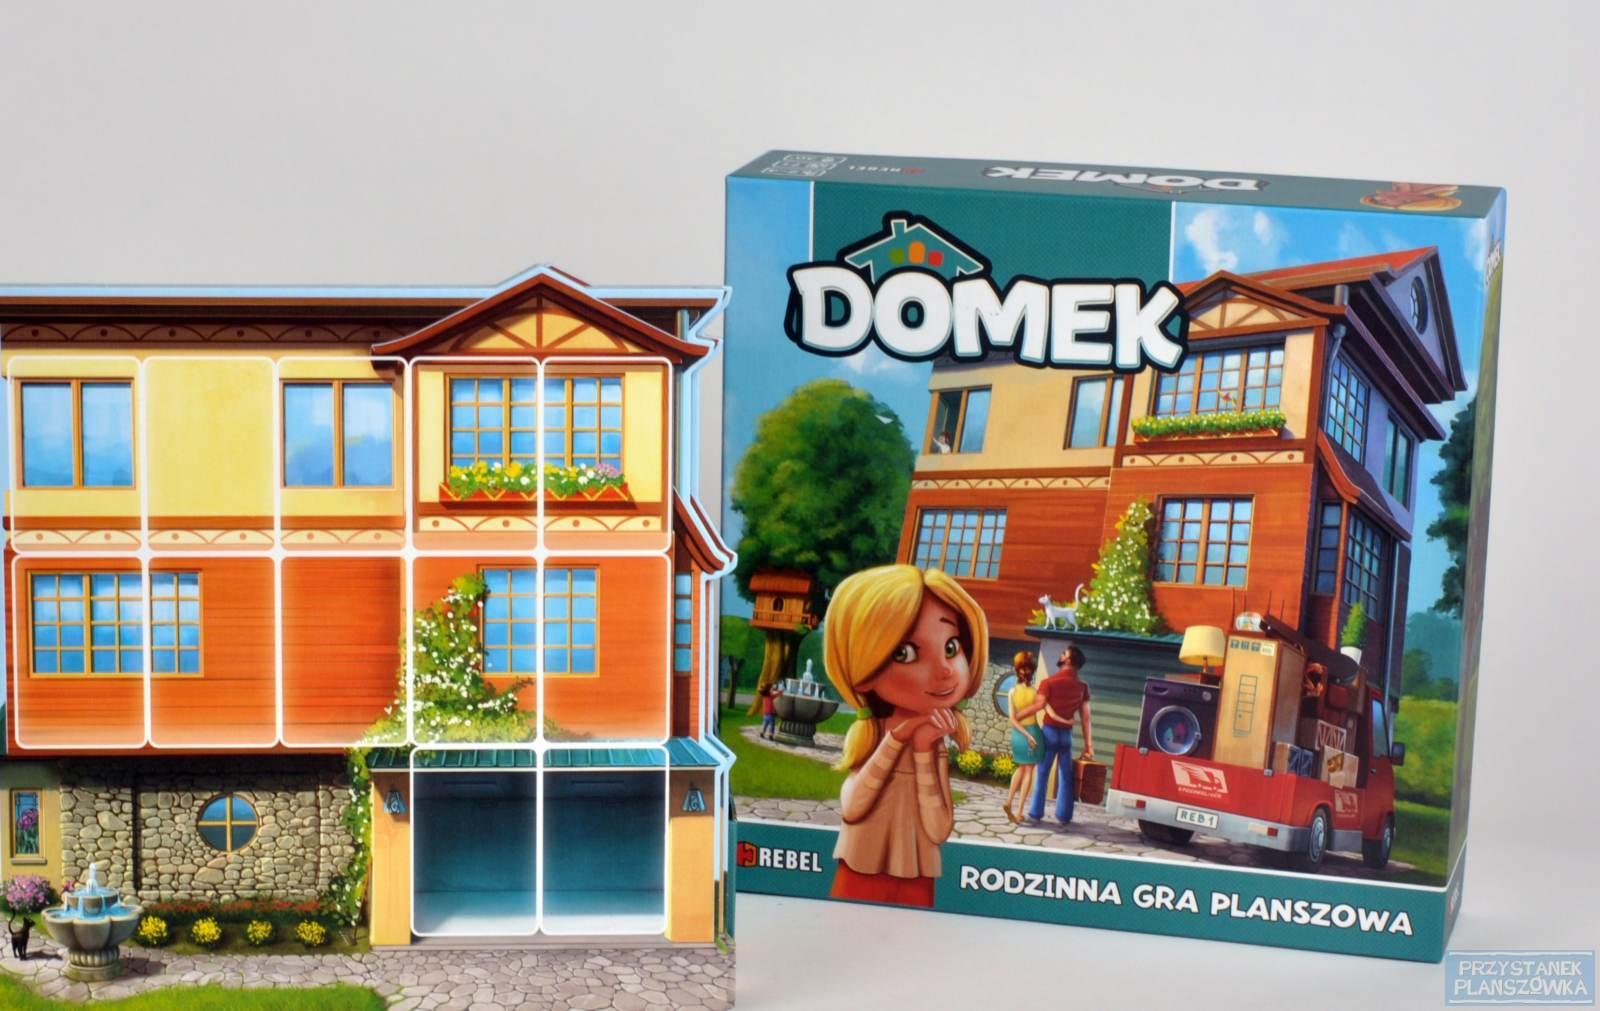 Domek / fot. Muzeum Fotografii w Bydgoszczy